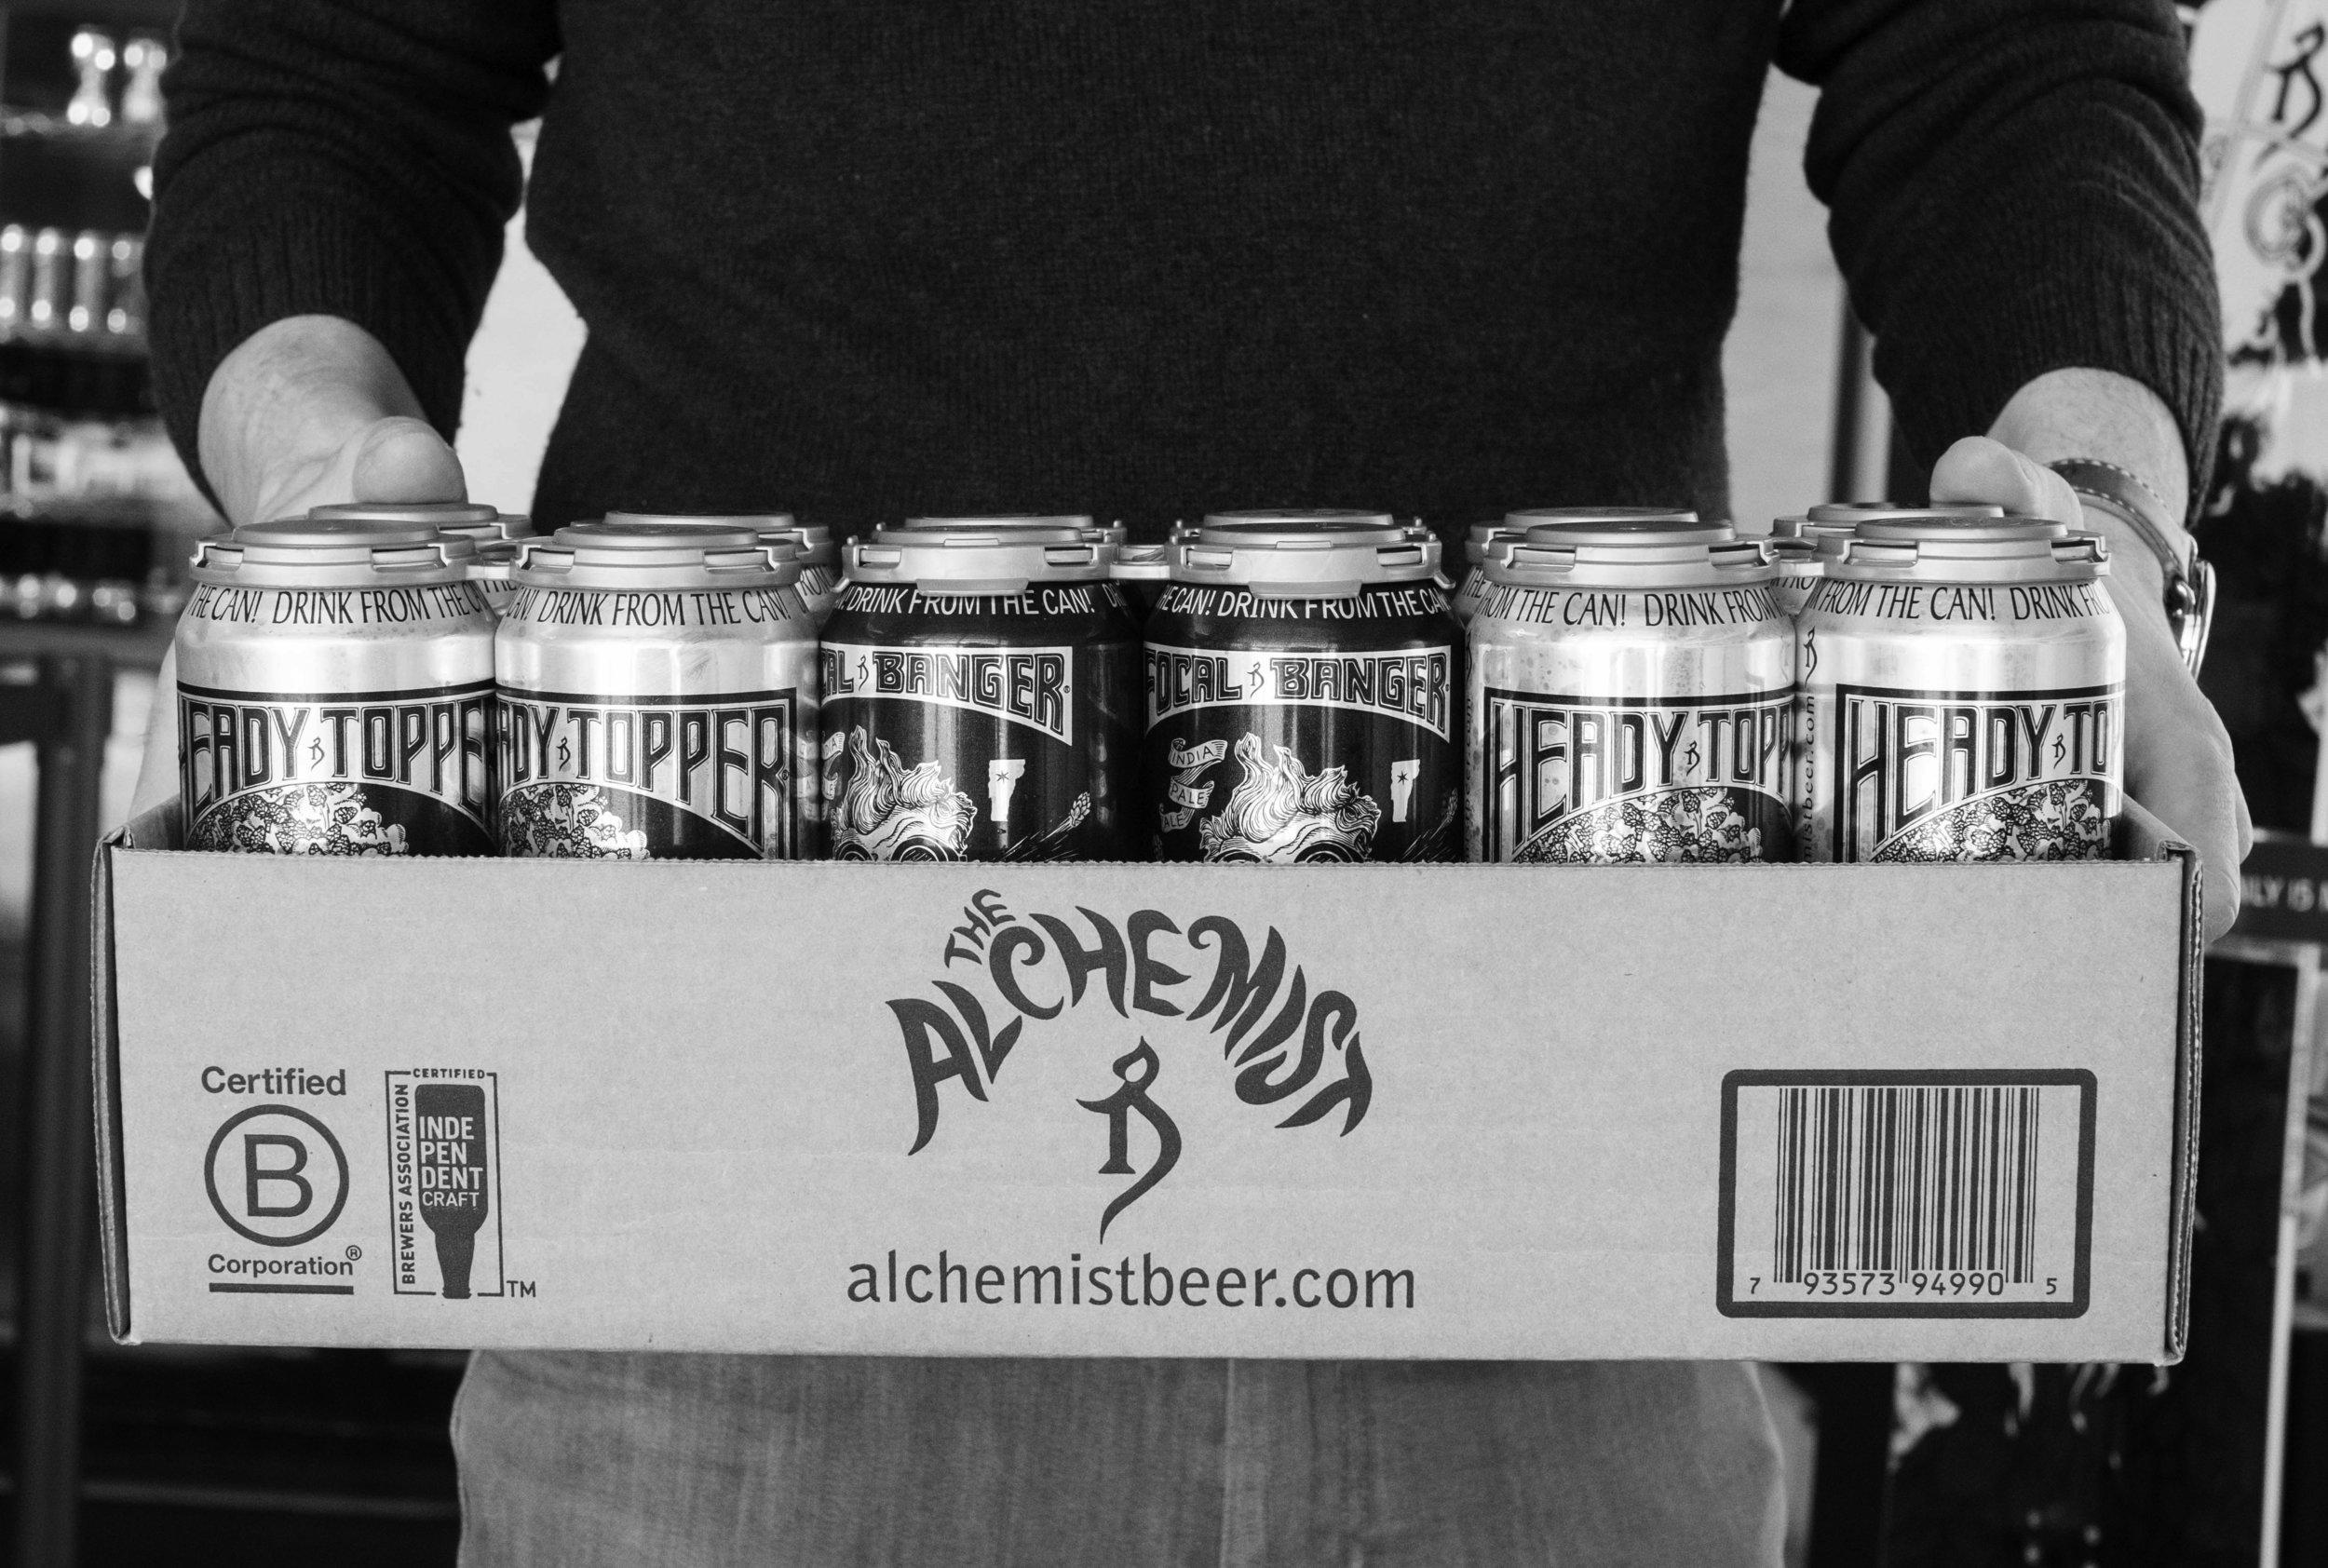 DETOUR: Stowe, VT – The Alchemist